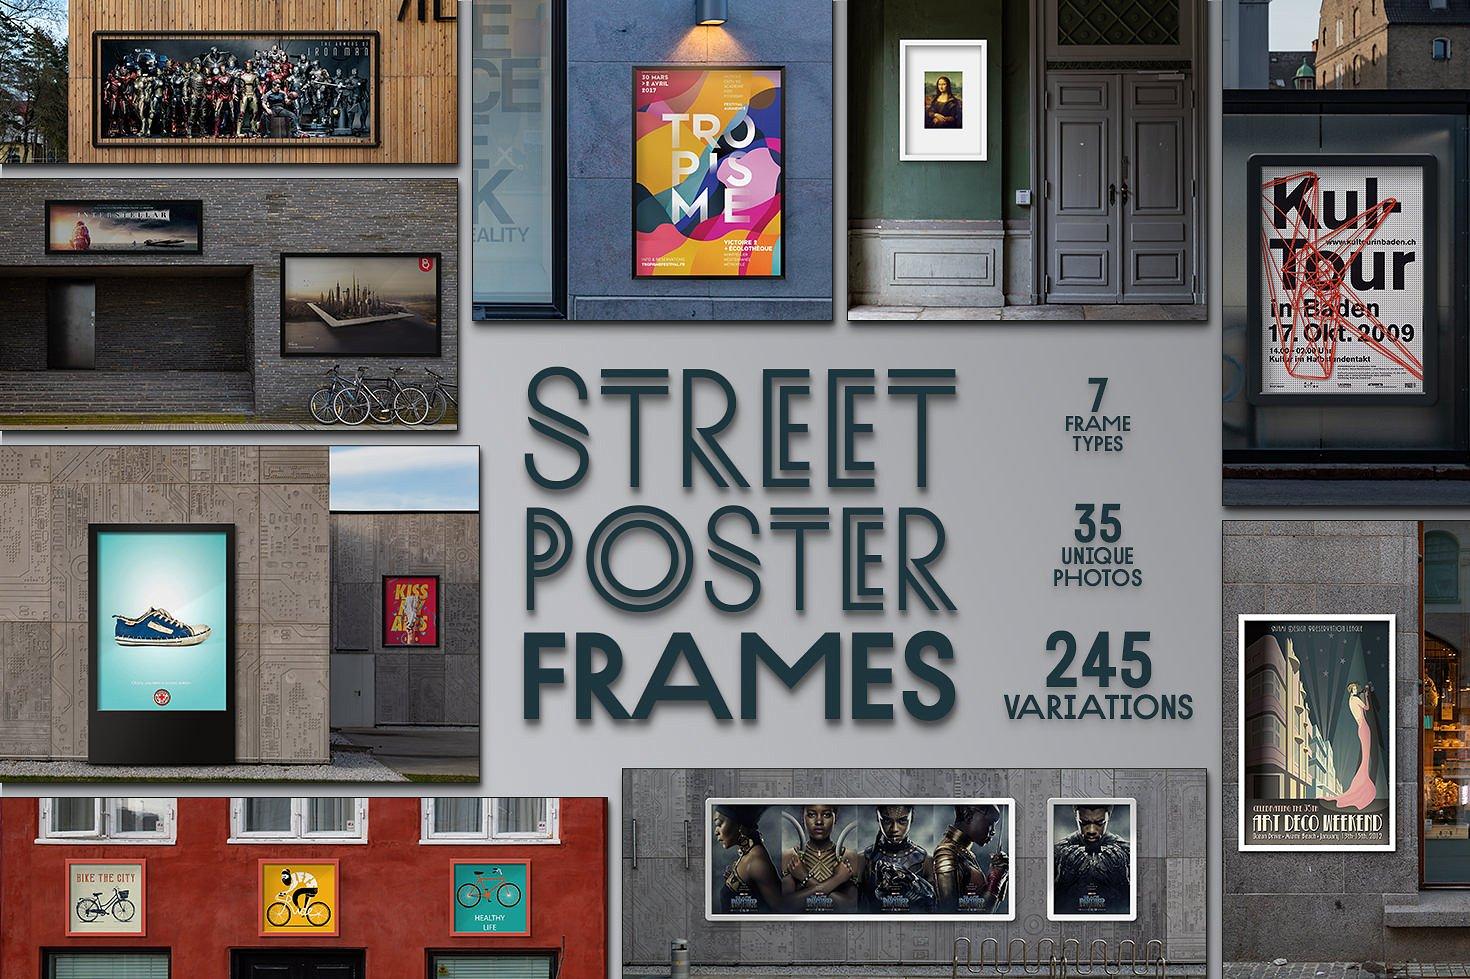 Street Poster Frames Mockup